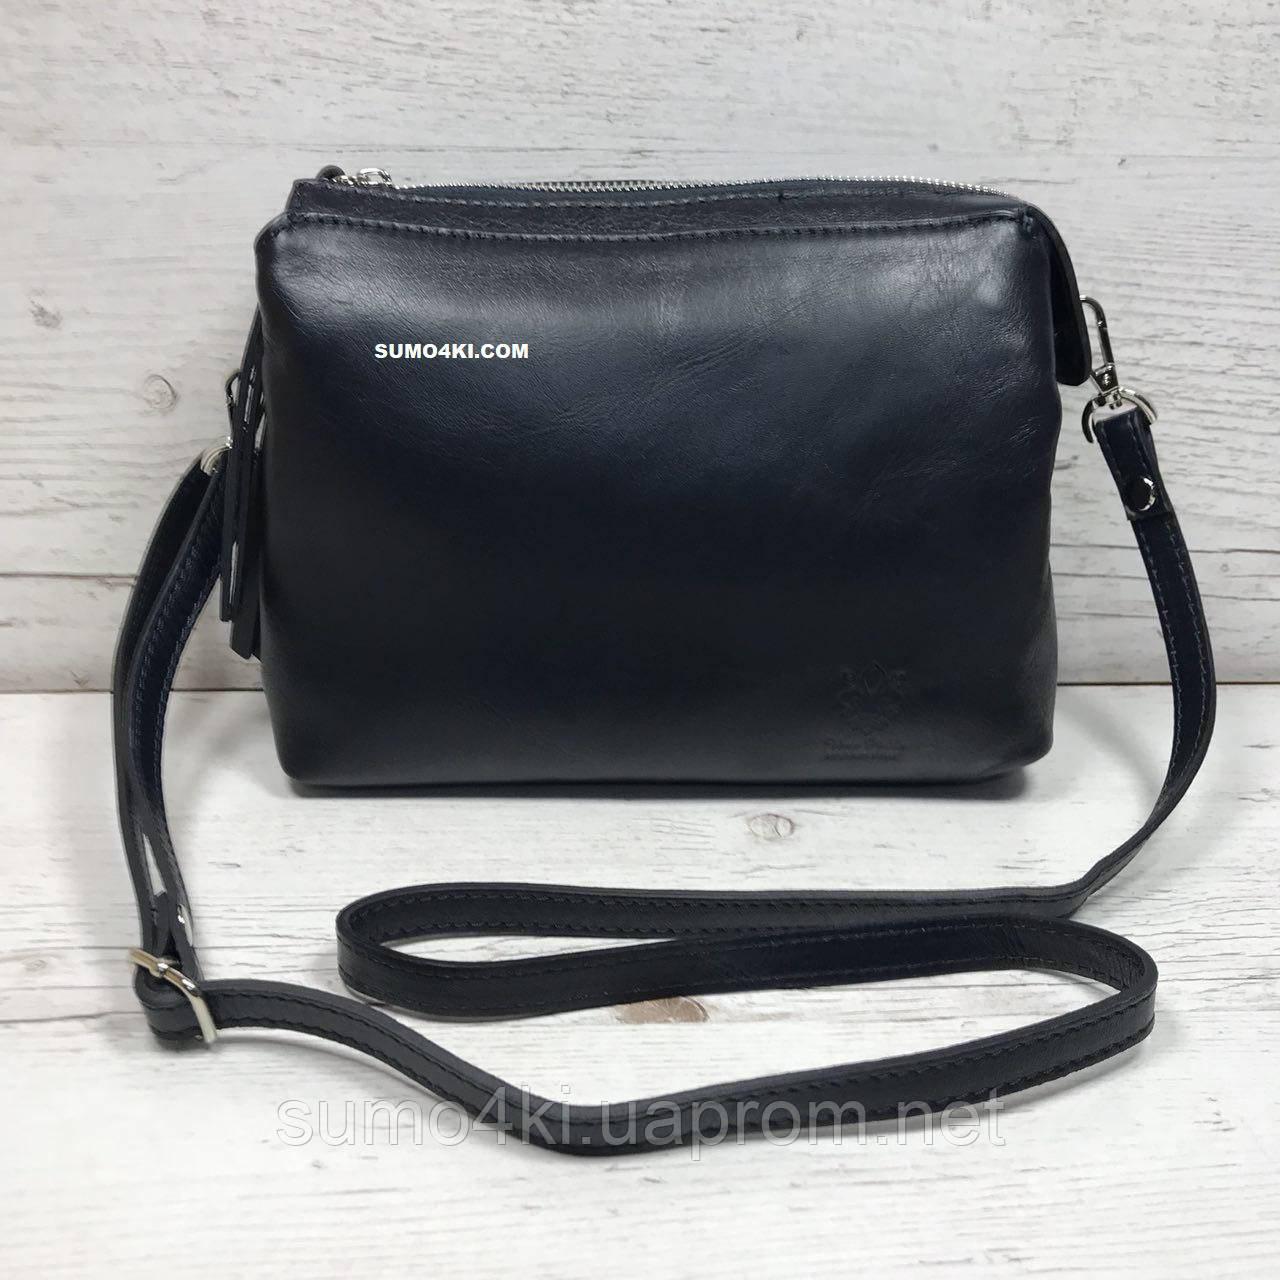 b4334250298d Купить Женскую кожаную сумку Италию оптом и в розницу в Одессе ...